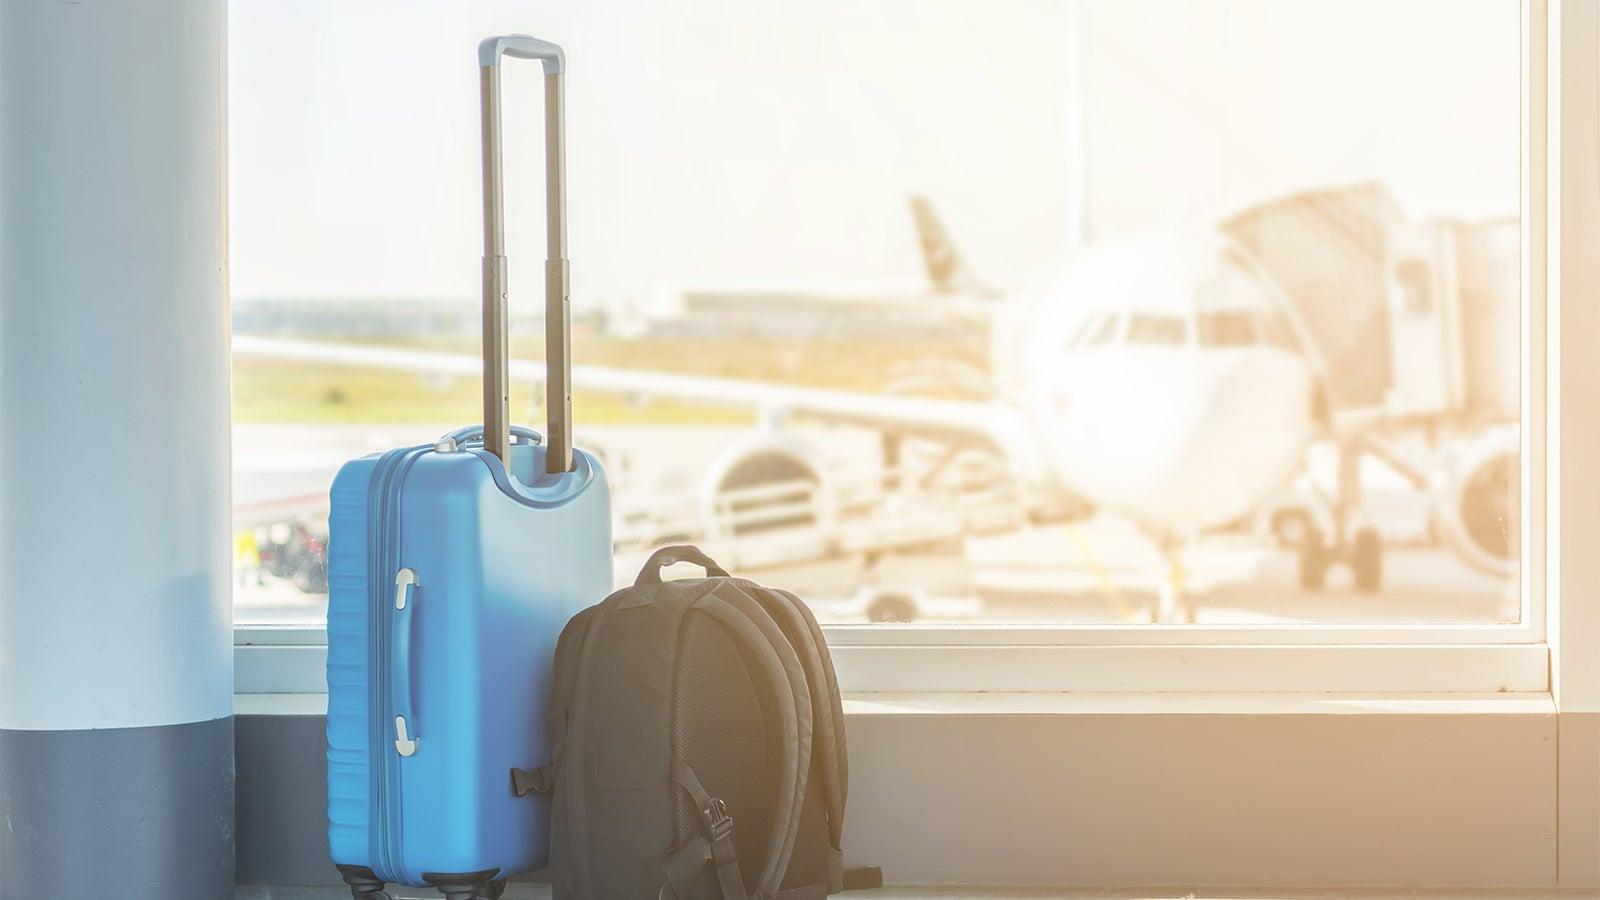 Mehr Urlaub im neuen Jahr: Wer 2019 geschickt plant, verdoppelt Urlaubstage